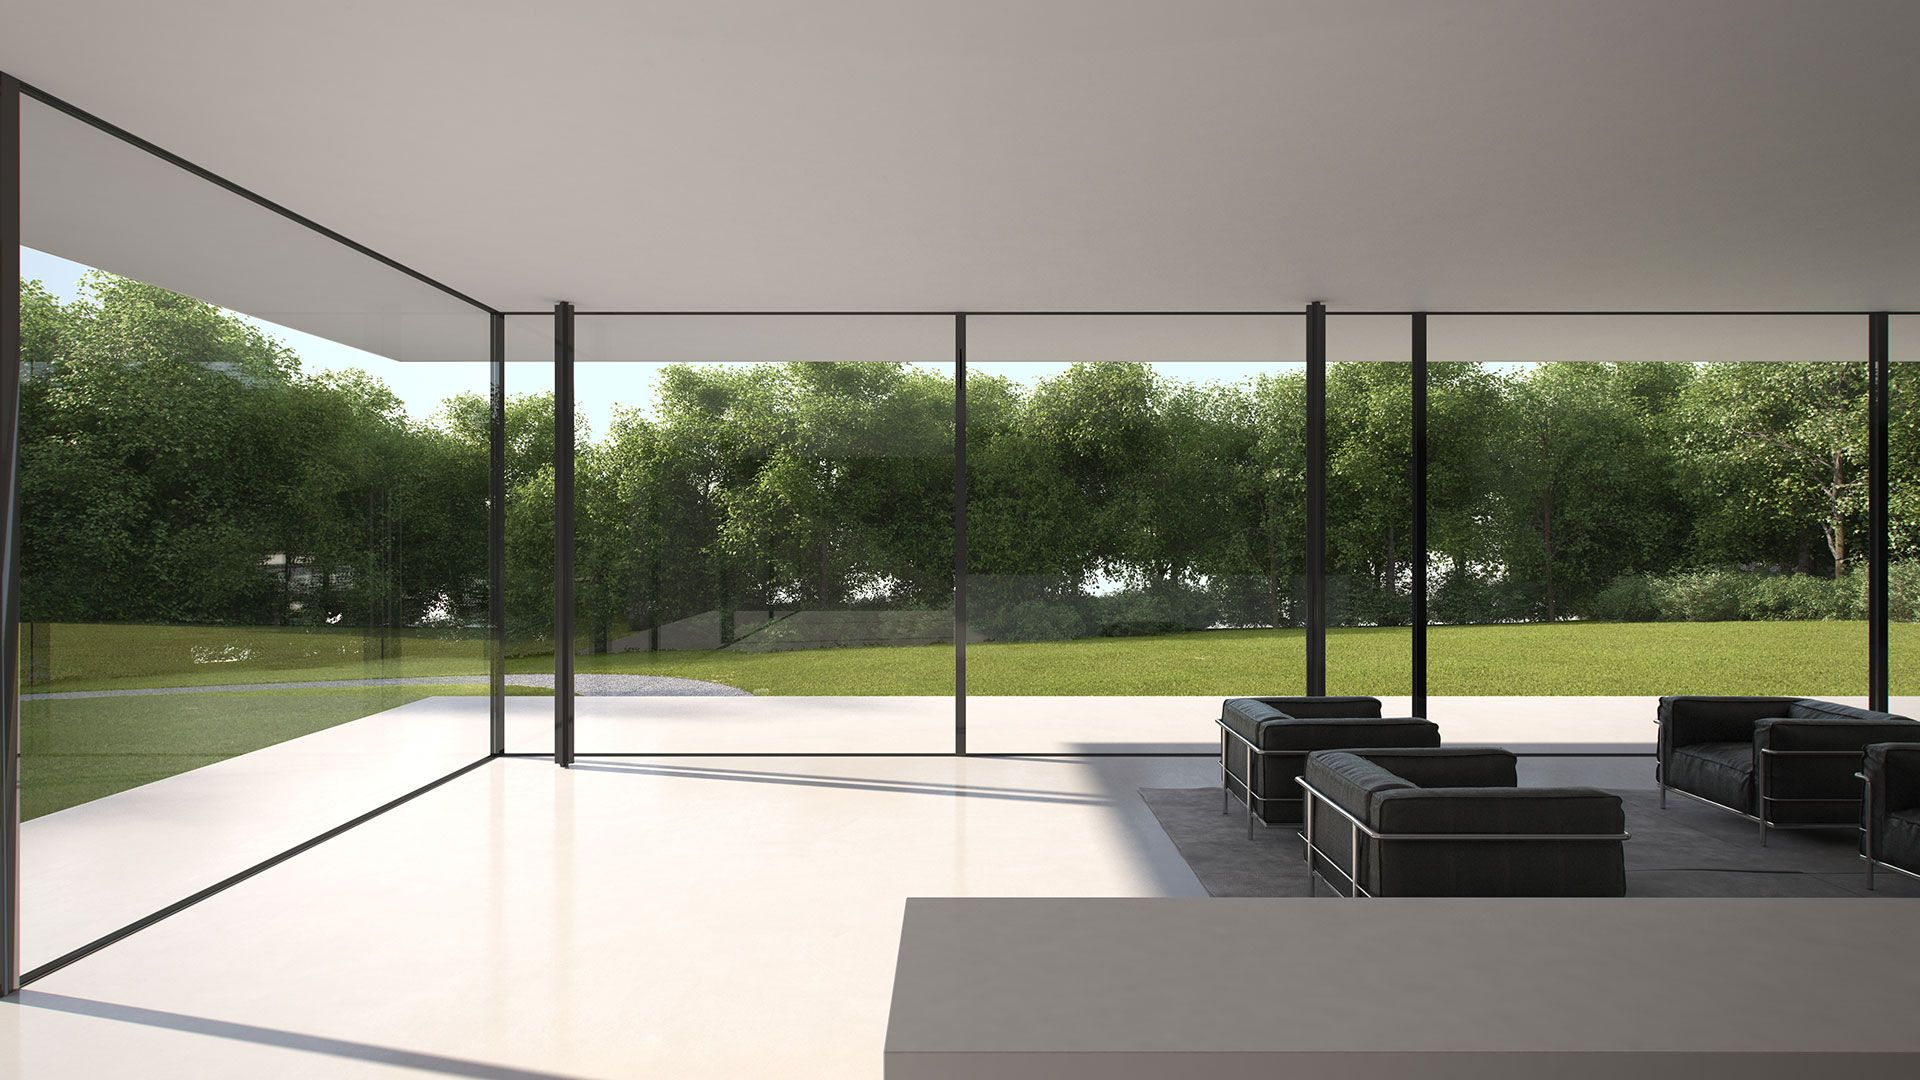 Das rahmenlose fenster fassadensystem dicht sicher robust air building stuff - Bodentiefe schiebefenster ...